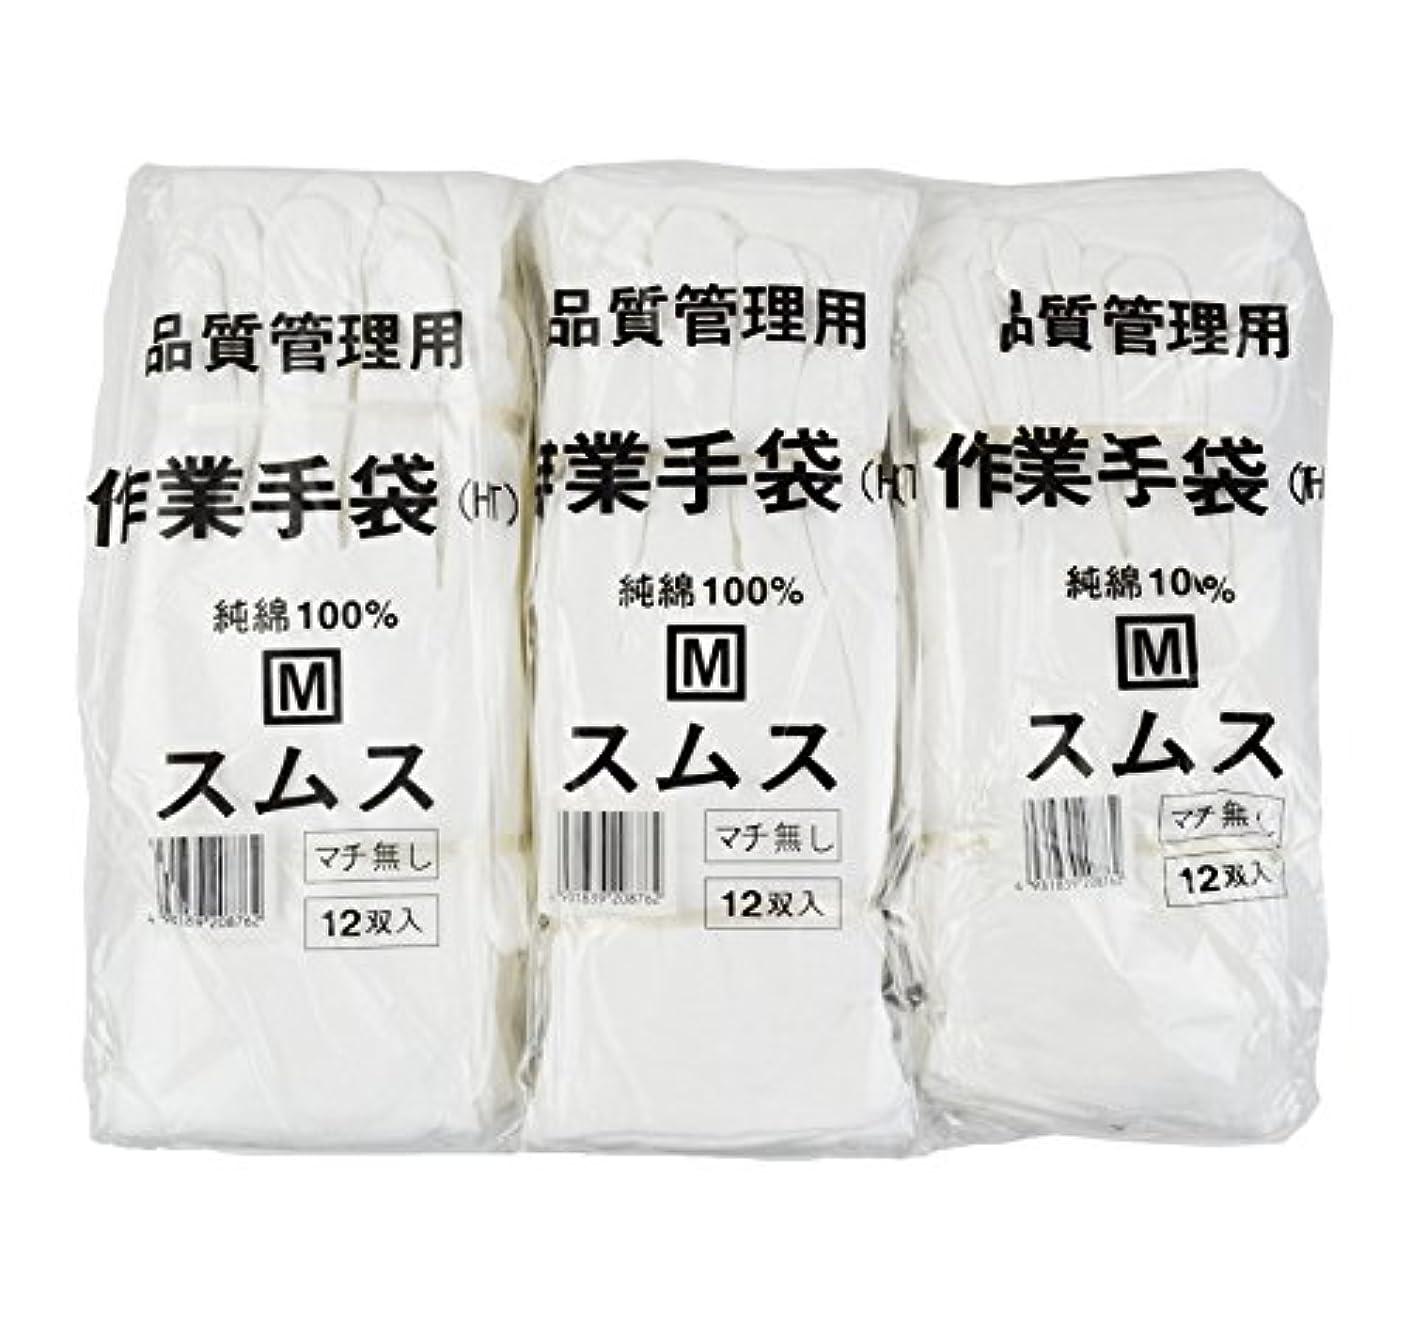 申し立てられた通知する貼り直す【お得なセット売り】 (36双) 純綿100% スムス 手袋 Mサイズ 12双×3袋セット 多用途 作業手袋 101116